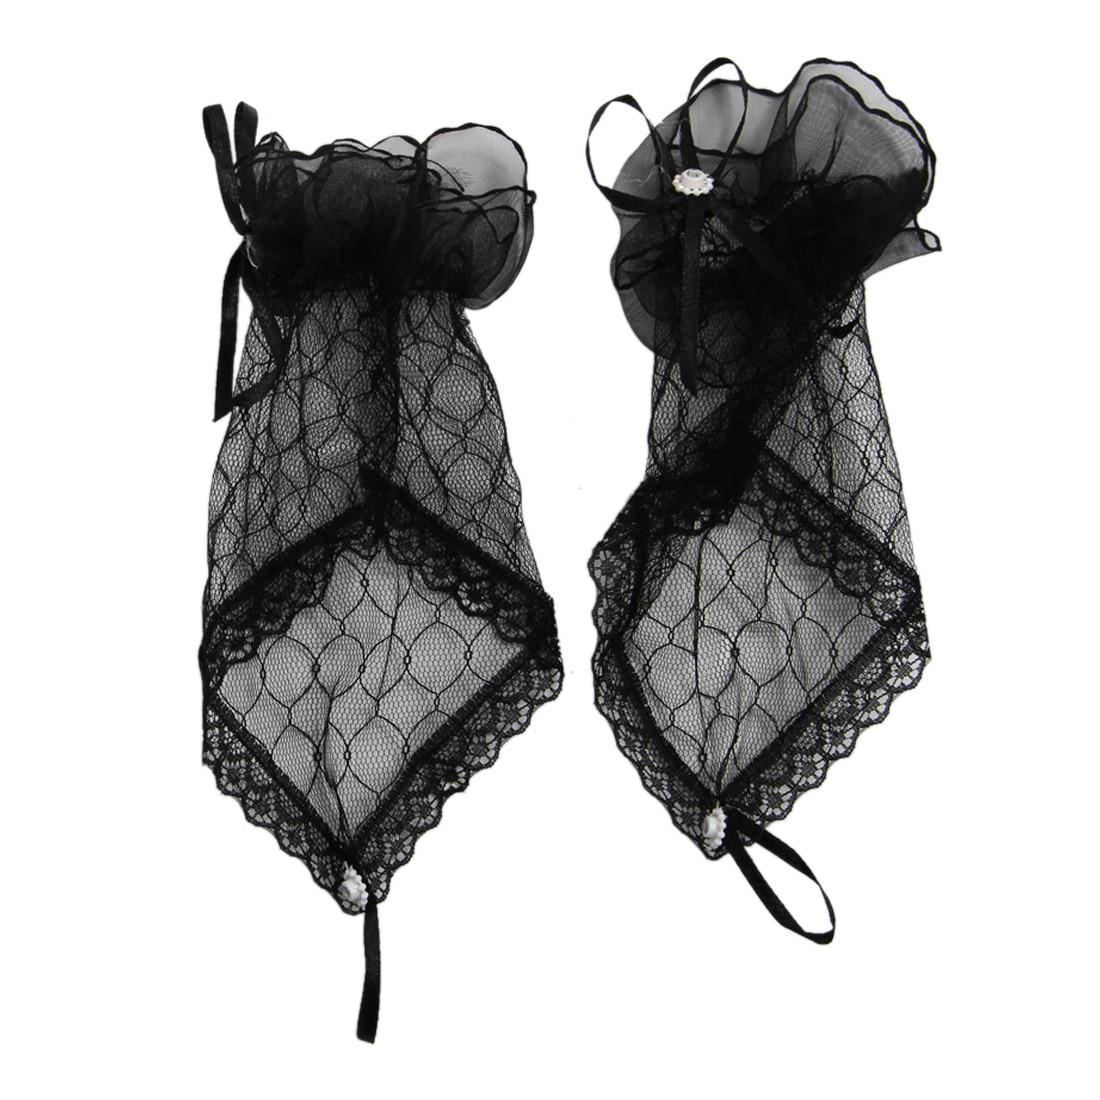 Lace Fingerless Gloves Burlesque Clubwear Party Wear Fancy Dress